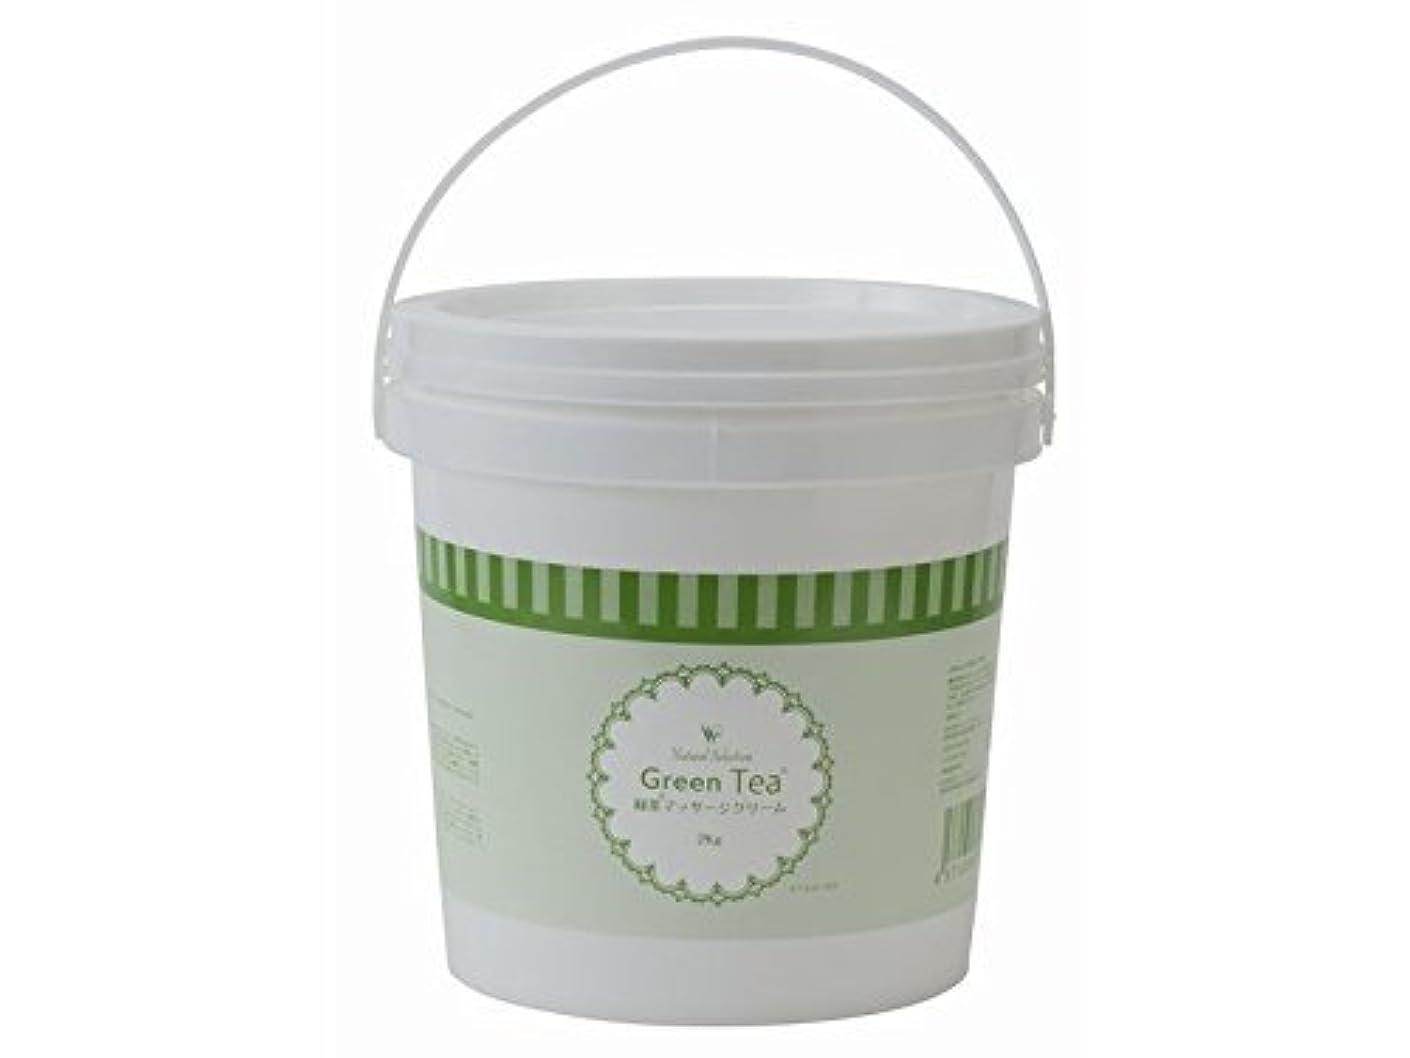 キャプテンブライアレキサンダーグラハムベル鉄道緑茶マッサージクリーム 業務用(2kg)【フットマッサージ】足もみクリーム